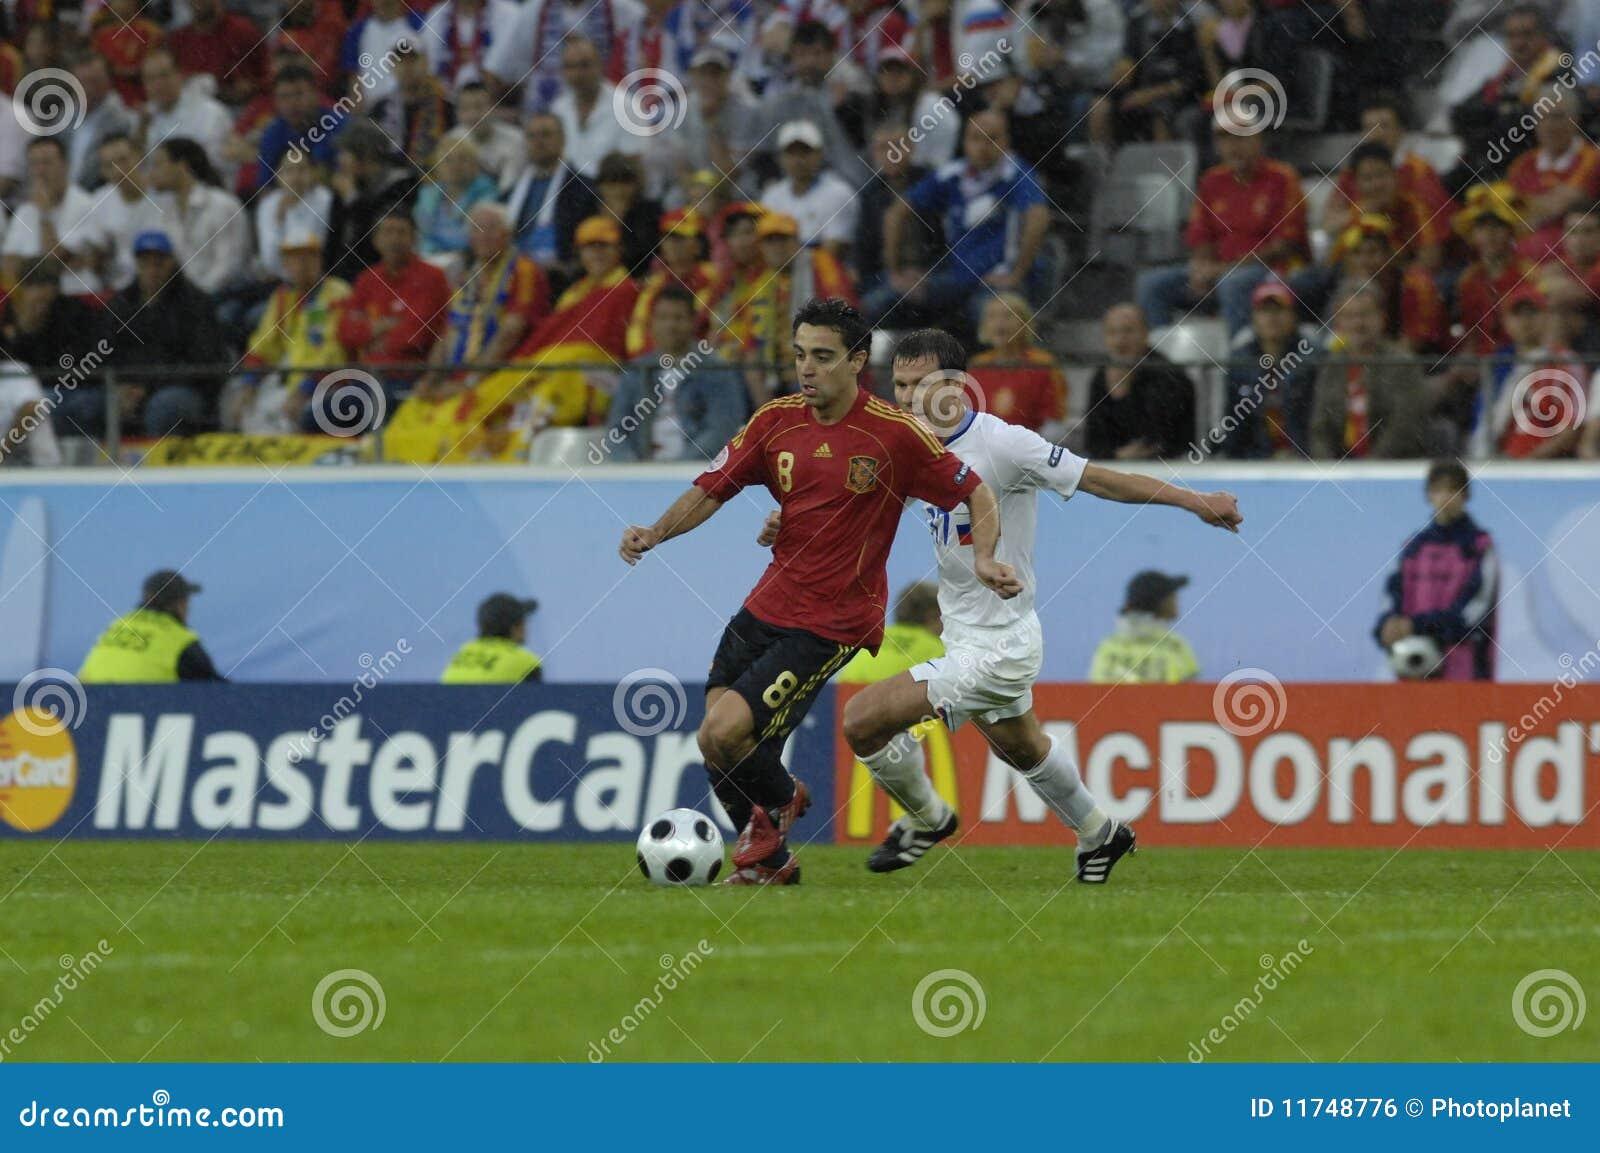 FranceFootball 2009 Best 30Players Xavi Hernandez